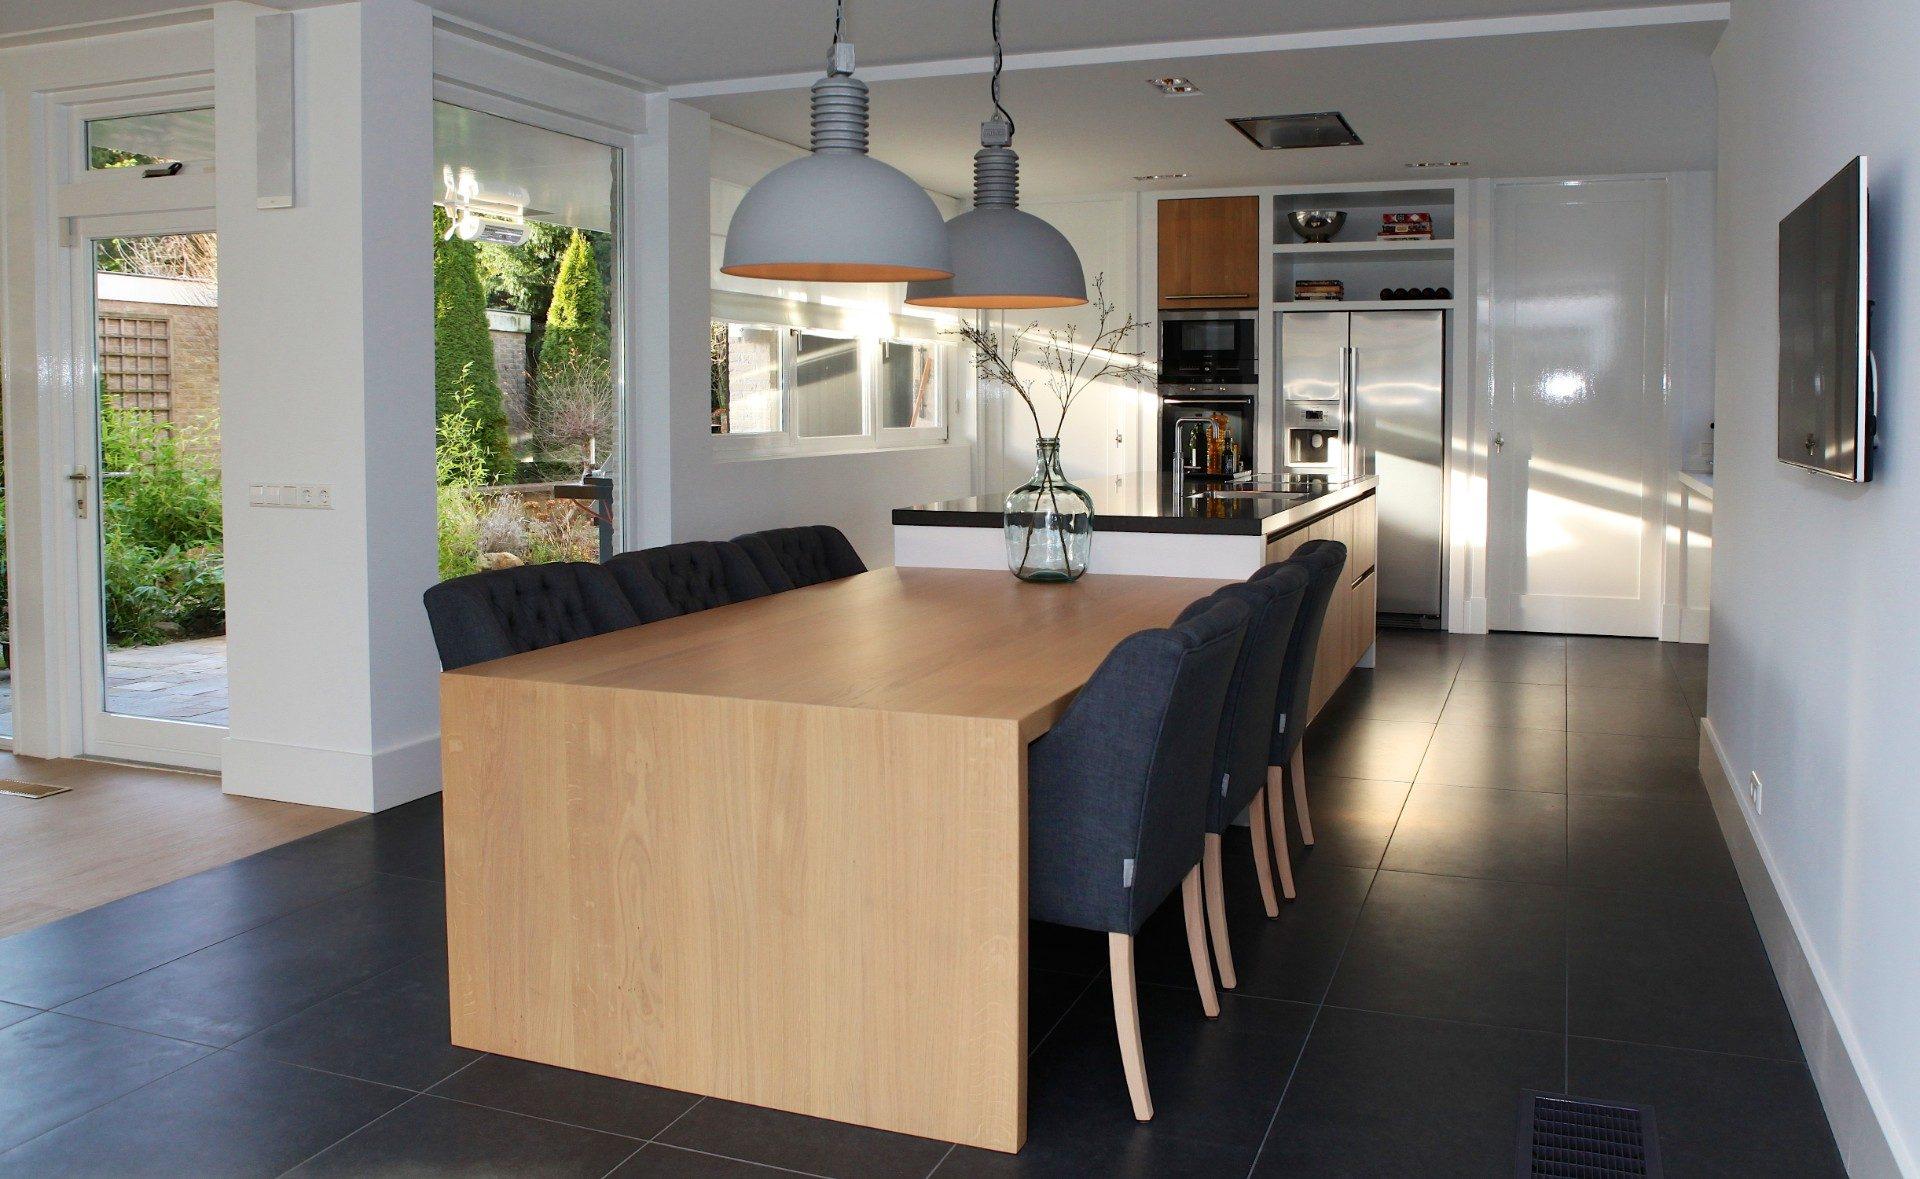 Keuken met houten tafel en stoelen